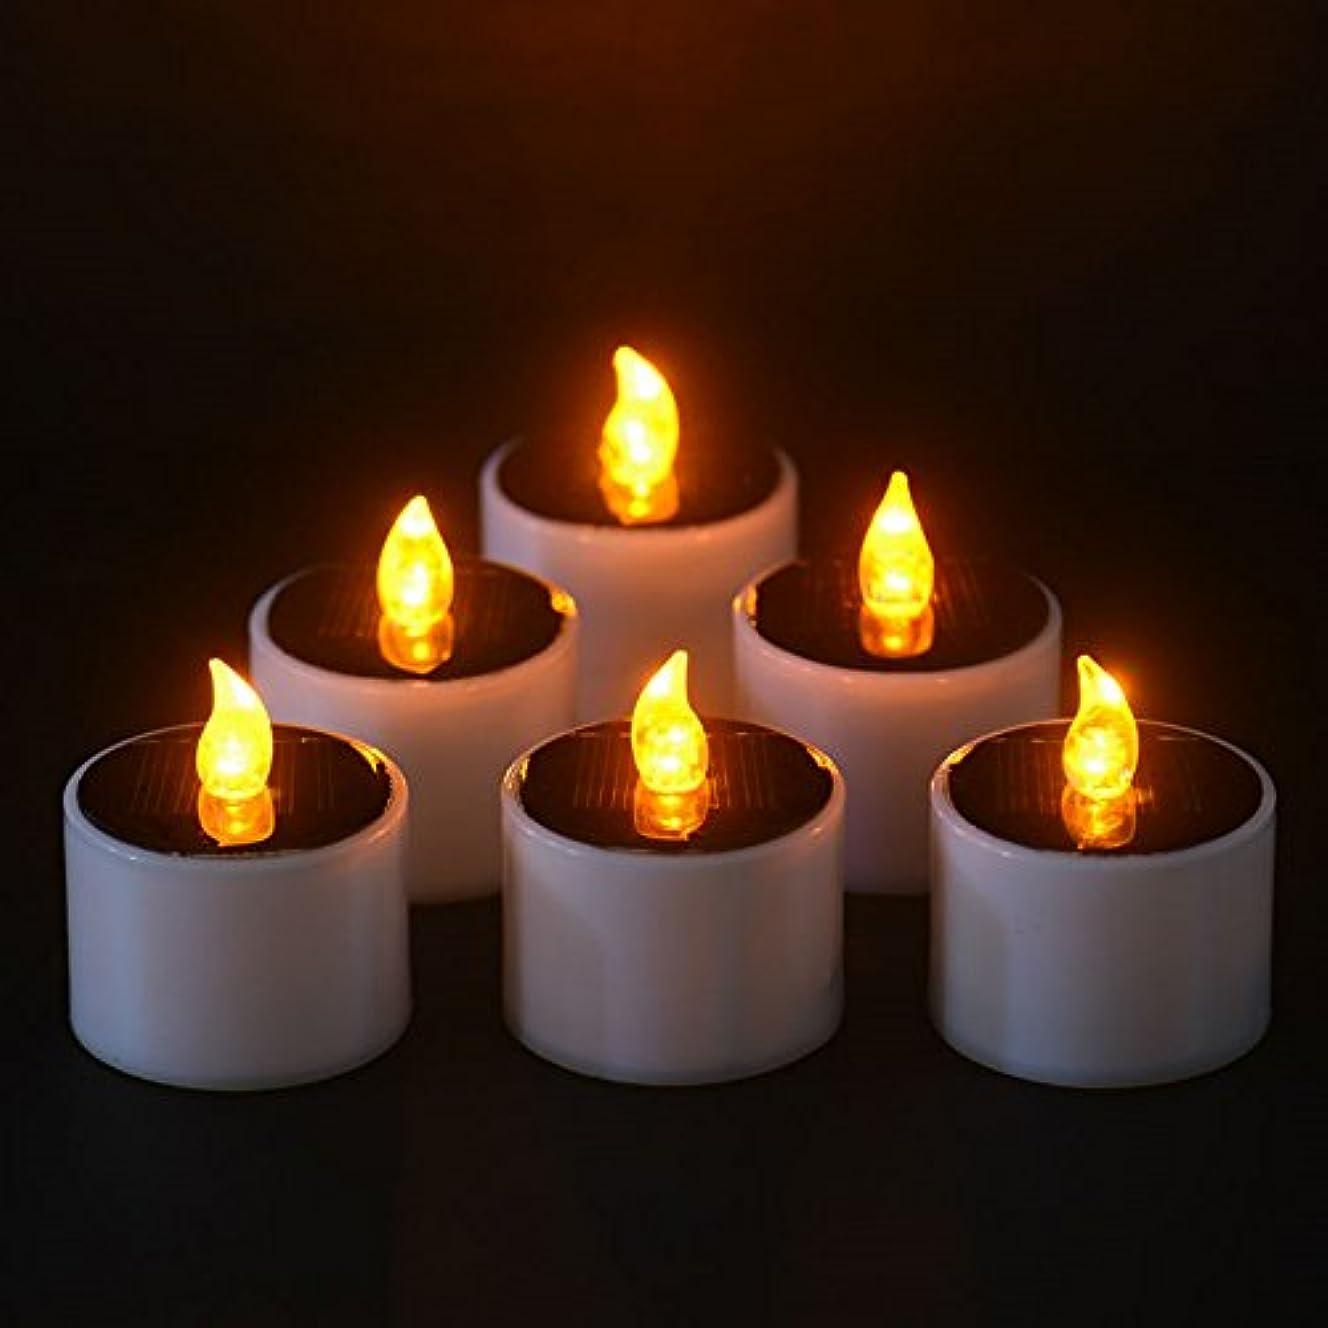 ライバルしっとりタバコソーラーキャンドル、ソーラー電源電子常夜灯LEDキャンドルライトFlameless Tealightsちらつきキャンドル、イエロー、6個のパック